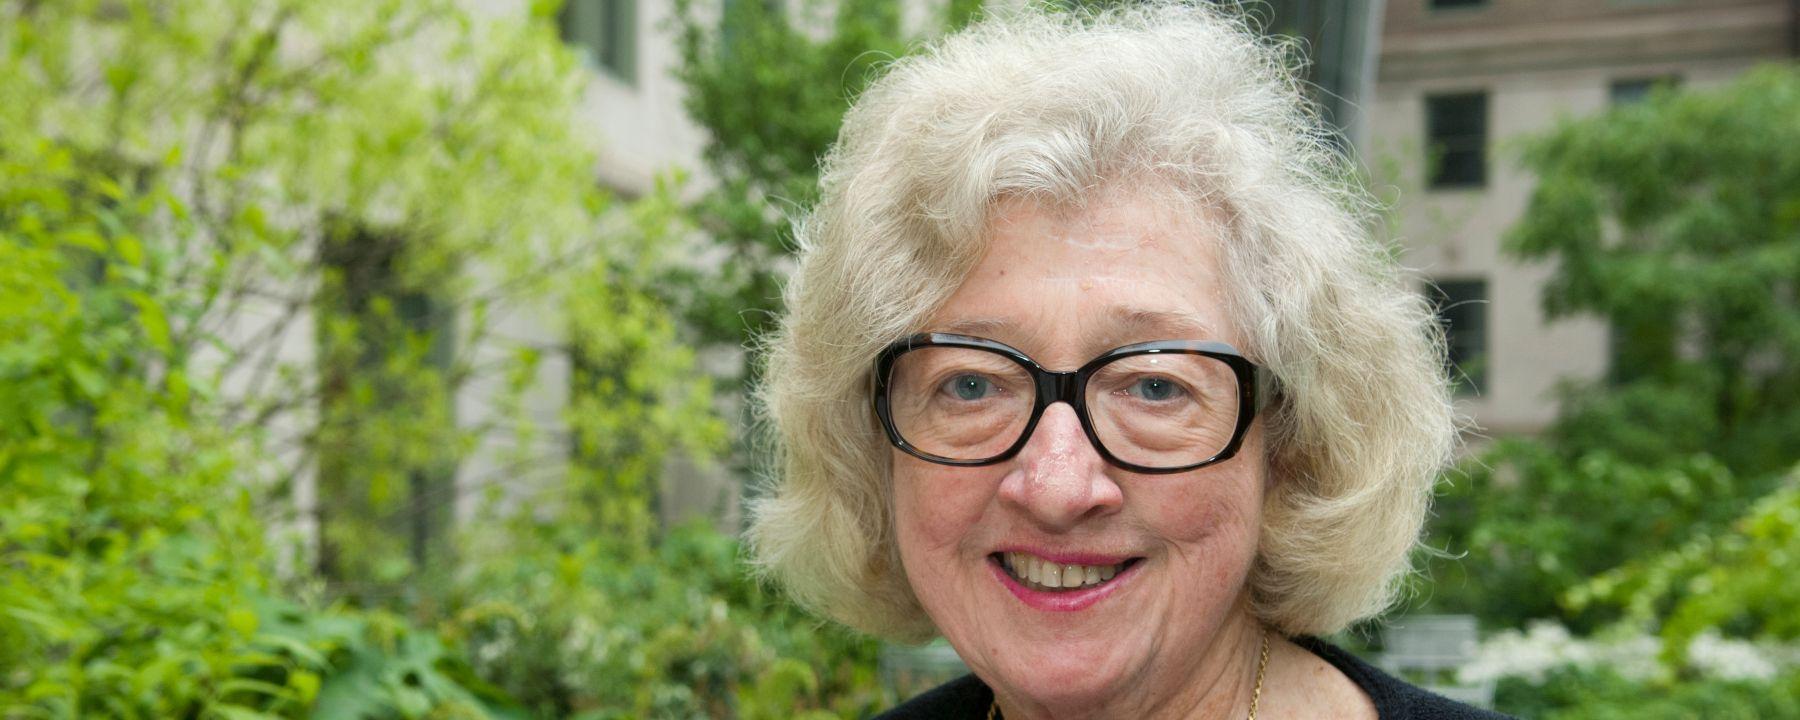 Mary Jeanne Kreek, Methadone Developer, Dies at 84